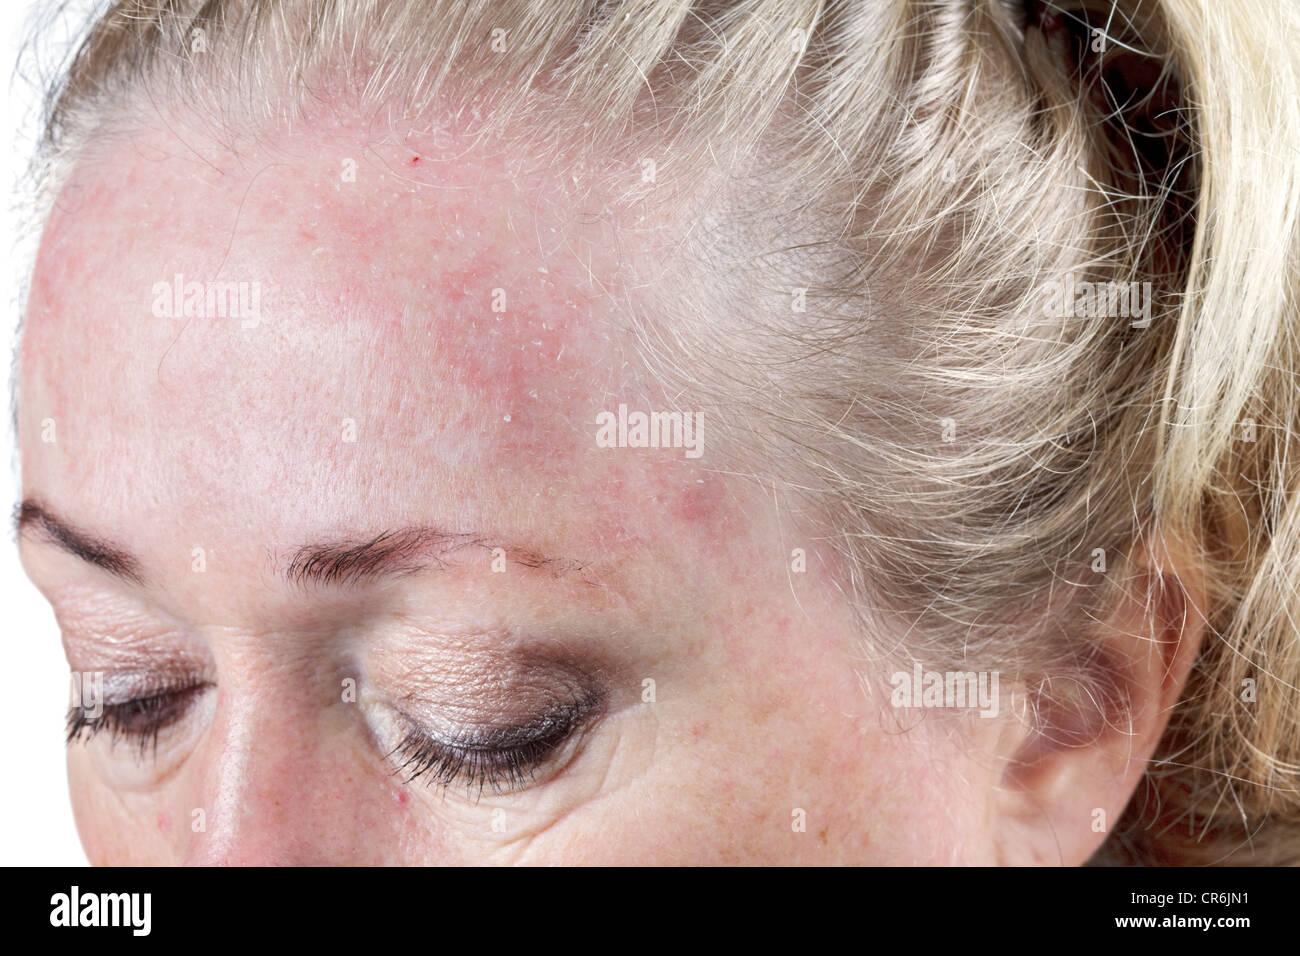 Dry mature dry skin